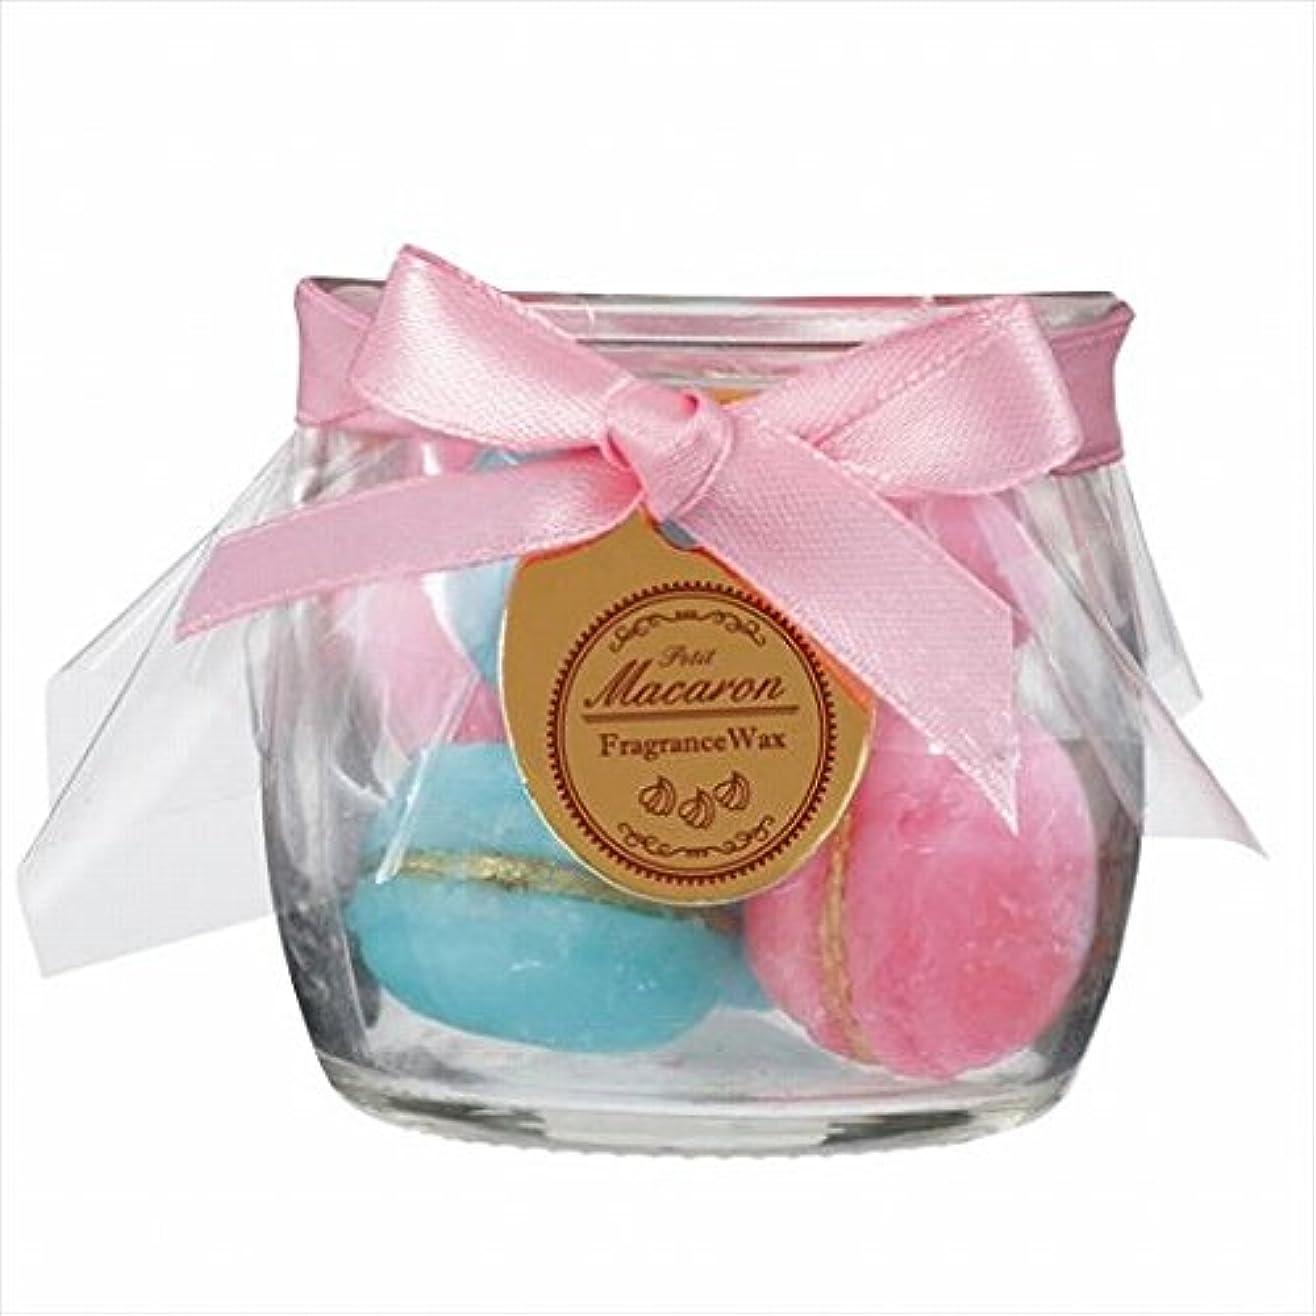 ガイダンス適度に追放スイーツキャンドル( sweets candle ) プチマカロンフレグランス 「 ピーチ 」 キャンドル